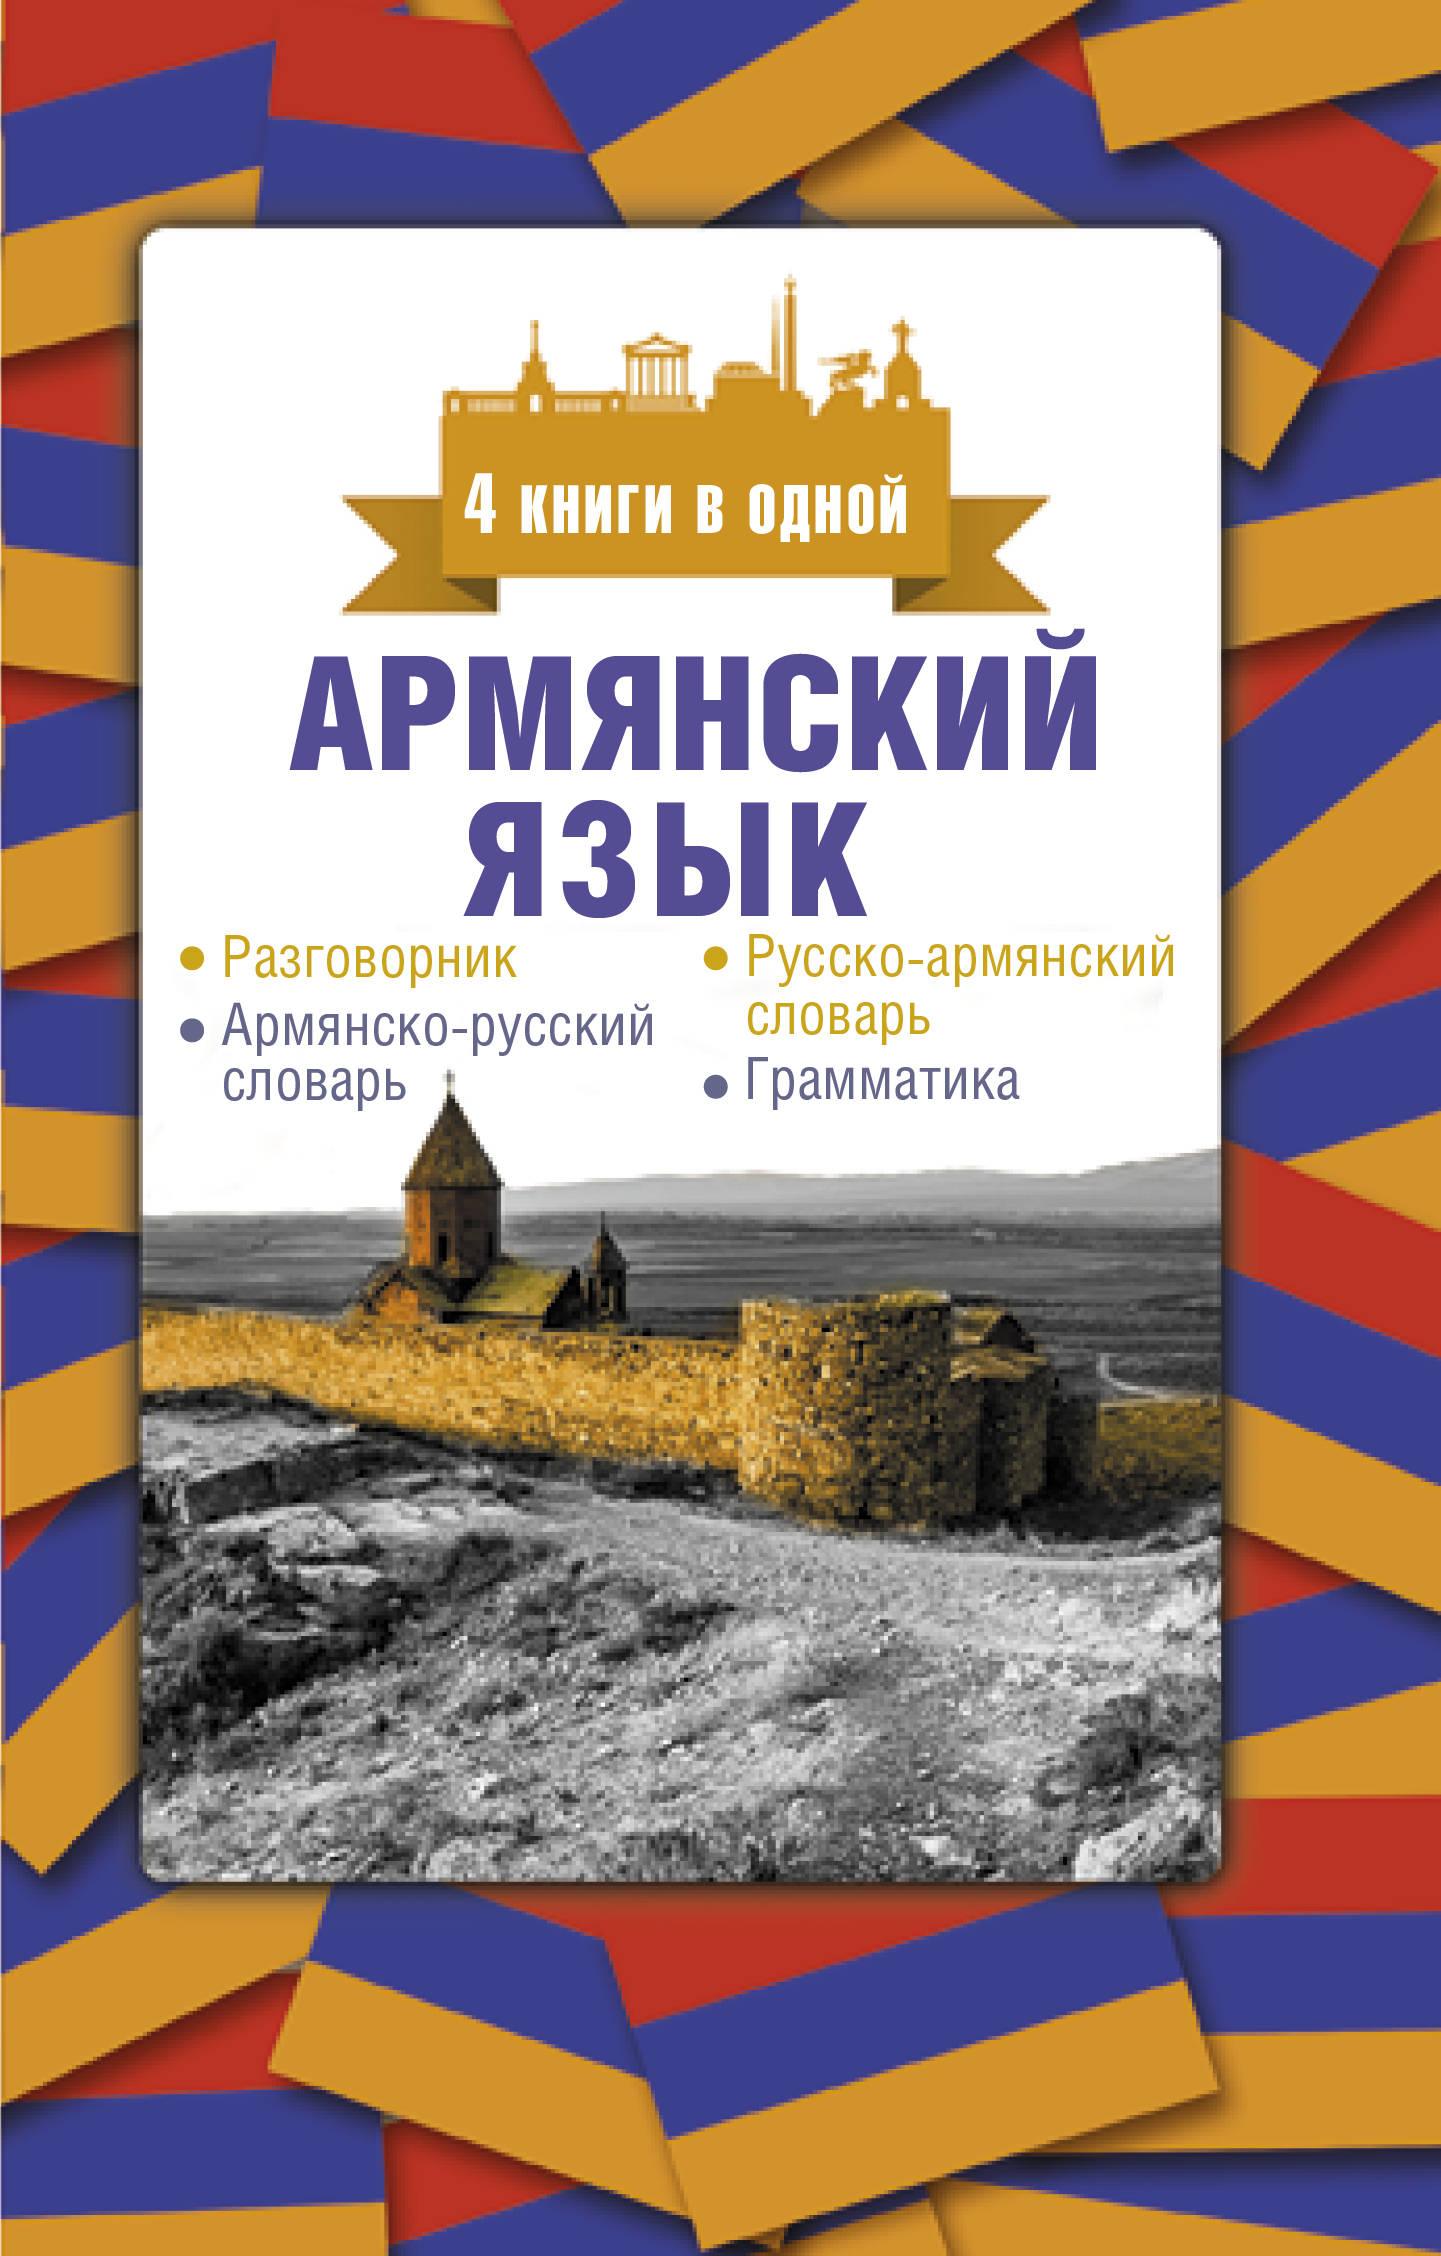 Armjanskij jazyk. 4 knigi v odnoj: razgovornik, armjansko-russkij slovar, russko-armjanskij slovar, grammatika